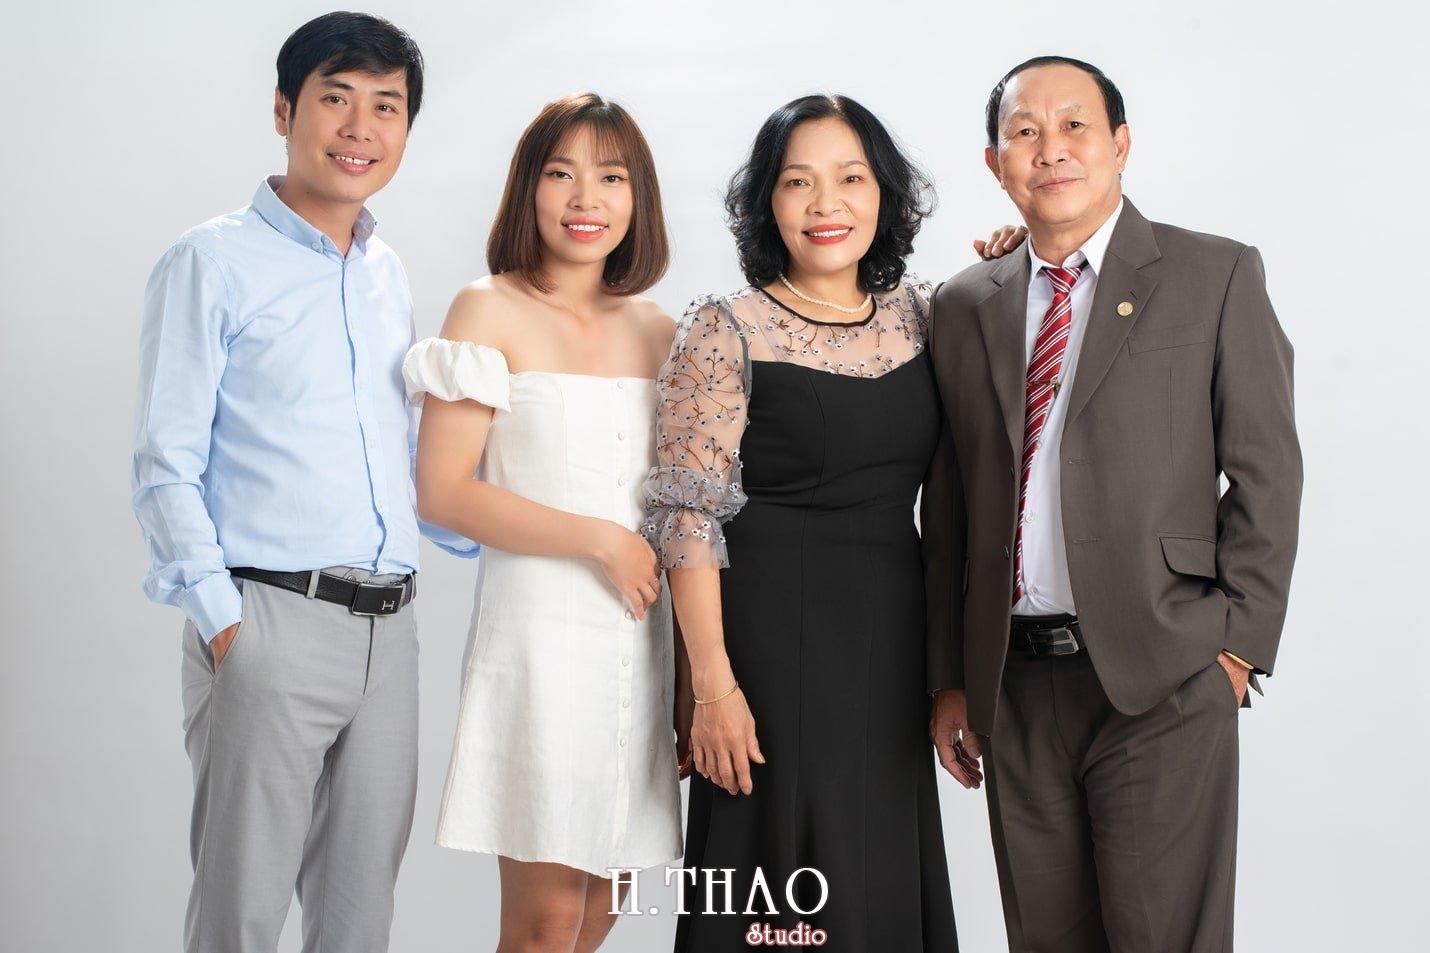 Anh gia dinh 15 - Dịch vụ chụp ảnh kỷ niệm ngày cưới - HThao Studio